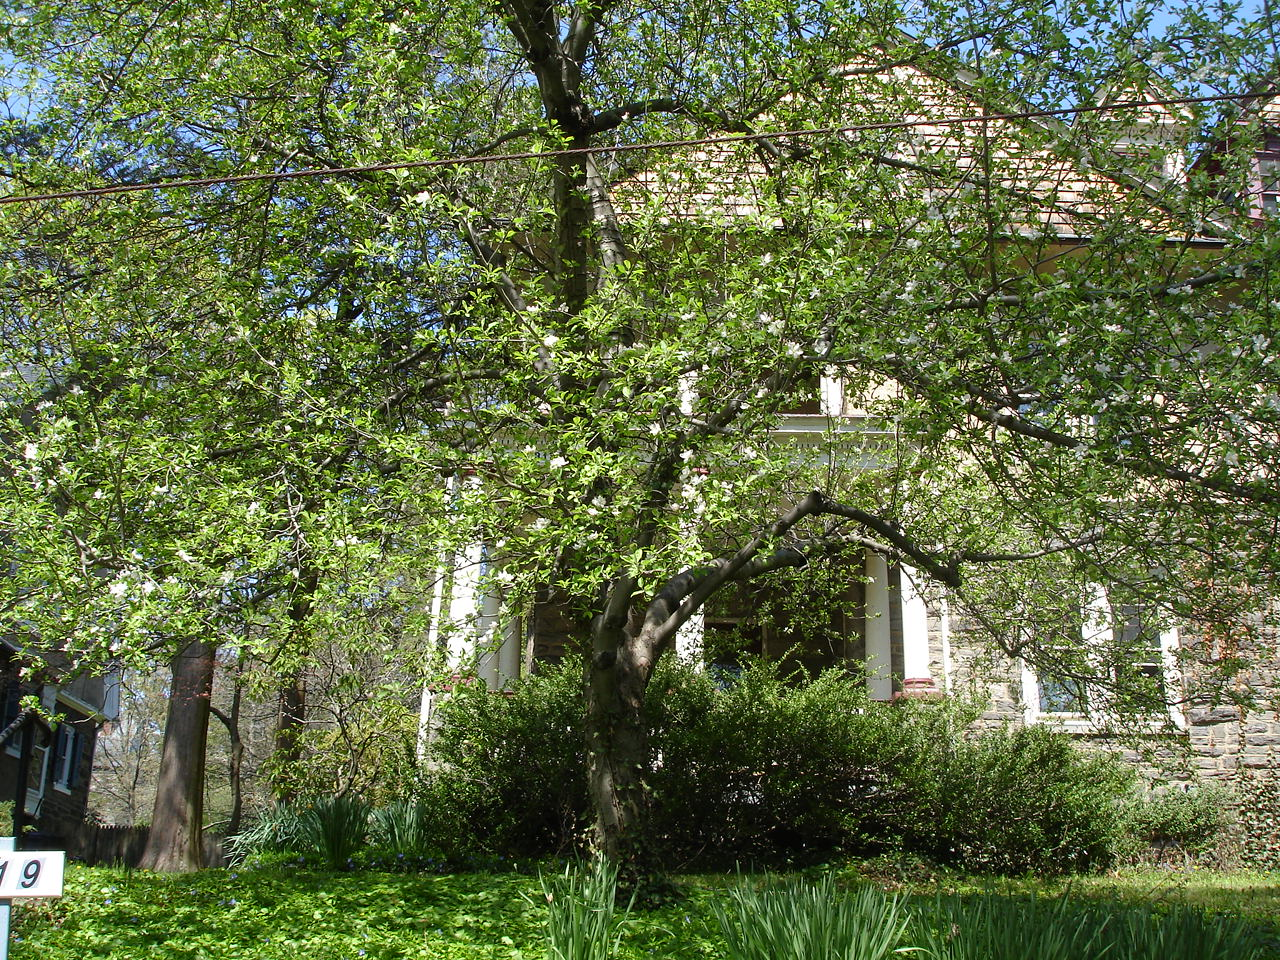 Дом в Филадельфии, где я жил в апреле 2011 года